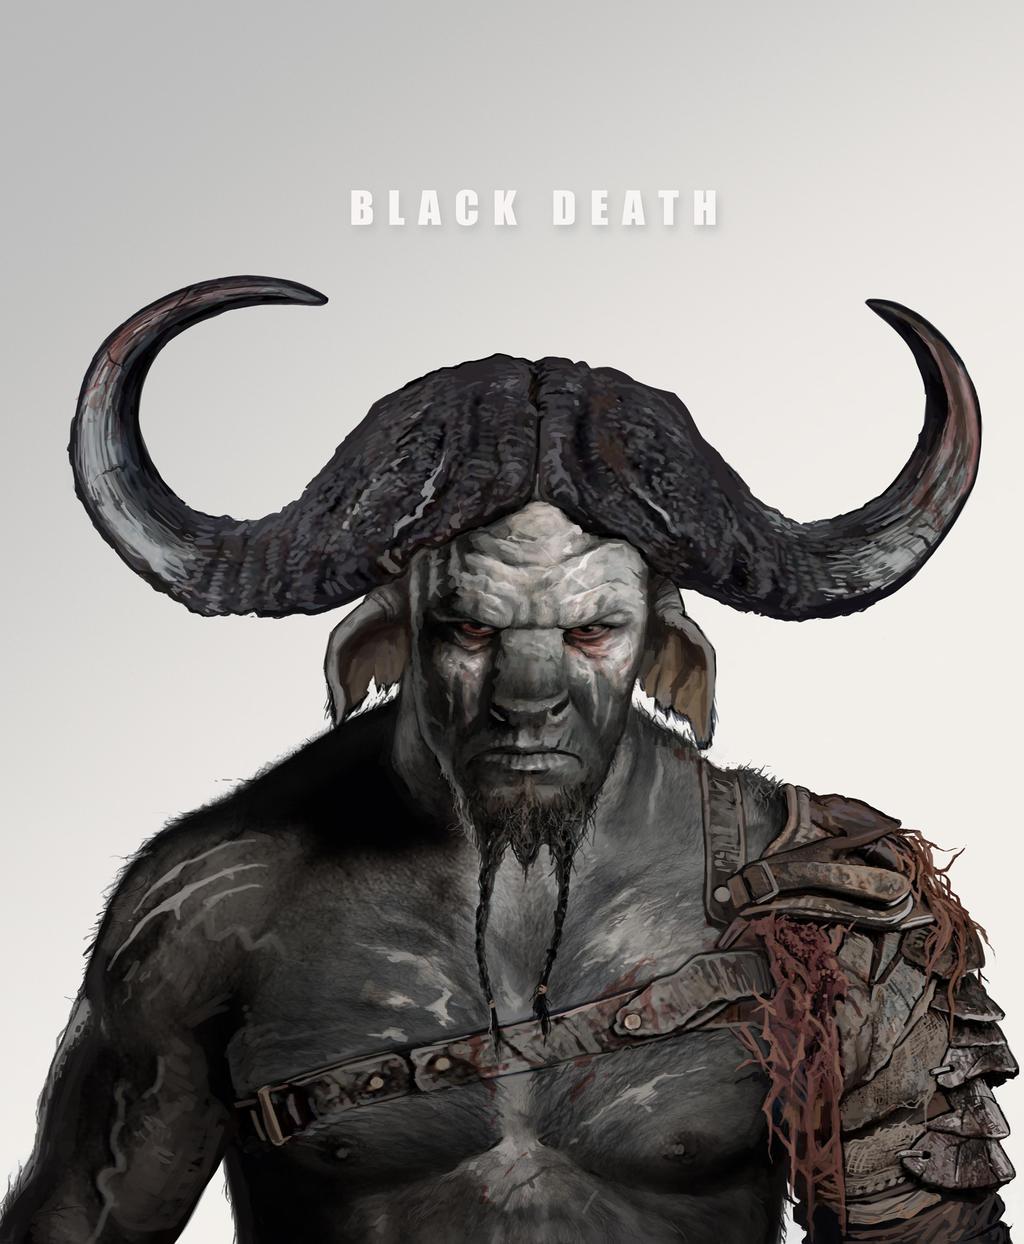 Black Death by nightrhino